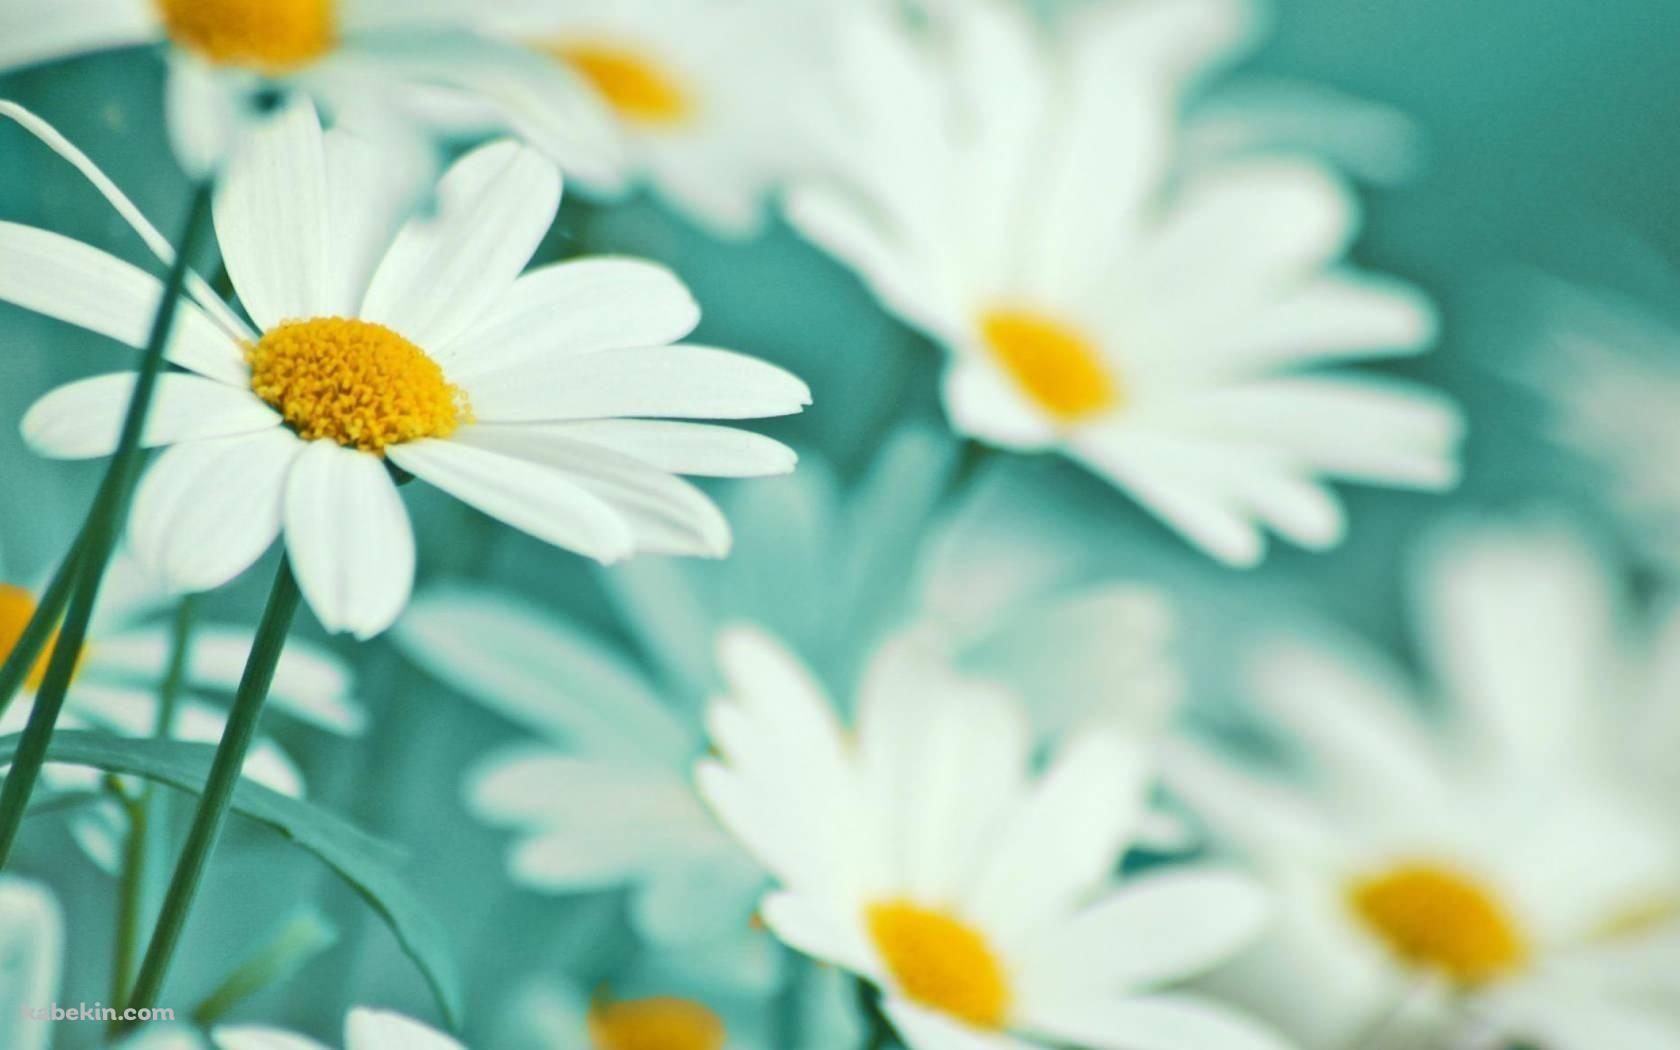 白いマーガレットの花畑 1680 X 1050 の壁紙 壁紙キングダム Pc デスクトップ版 パソコン 壁紙 コスモス 花 美しい花の写真